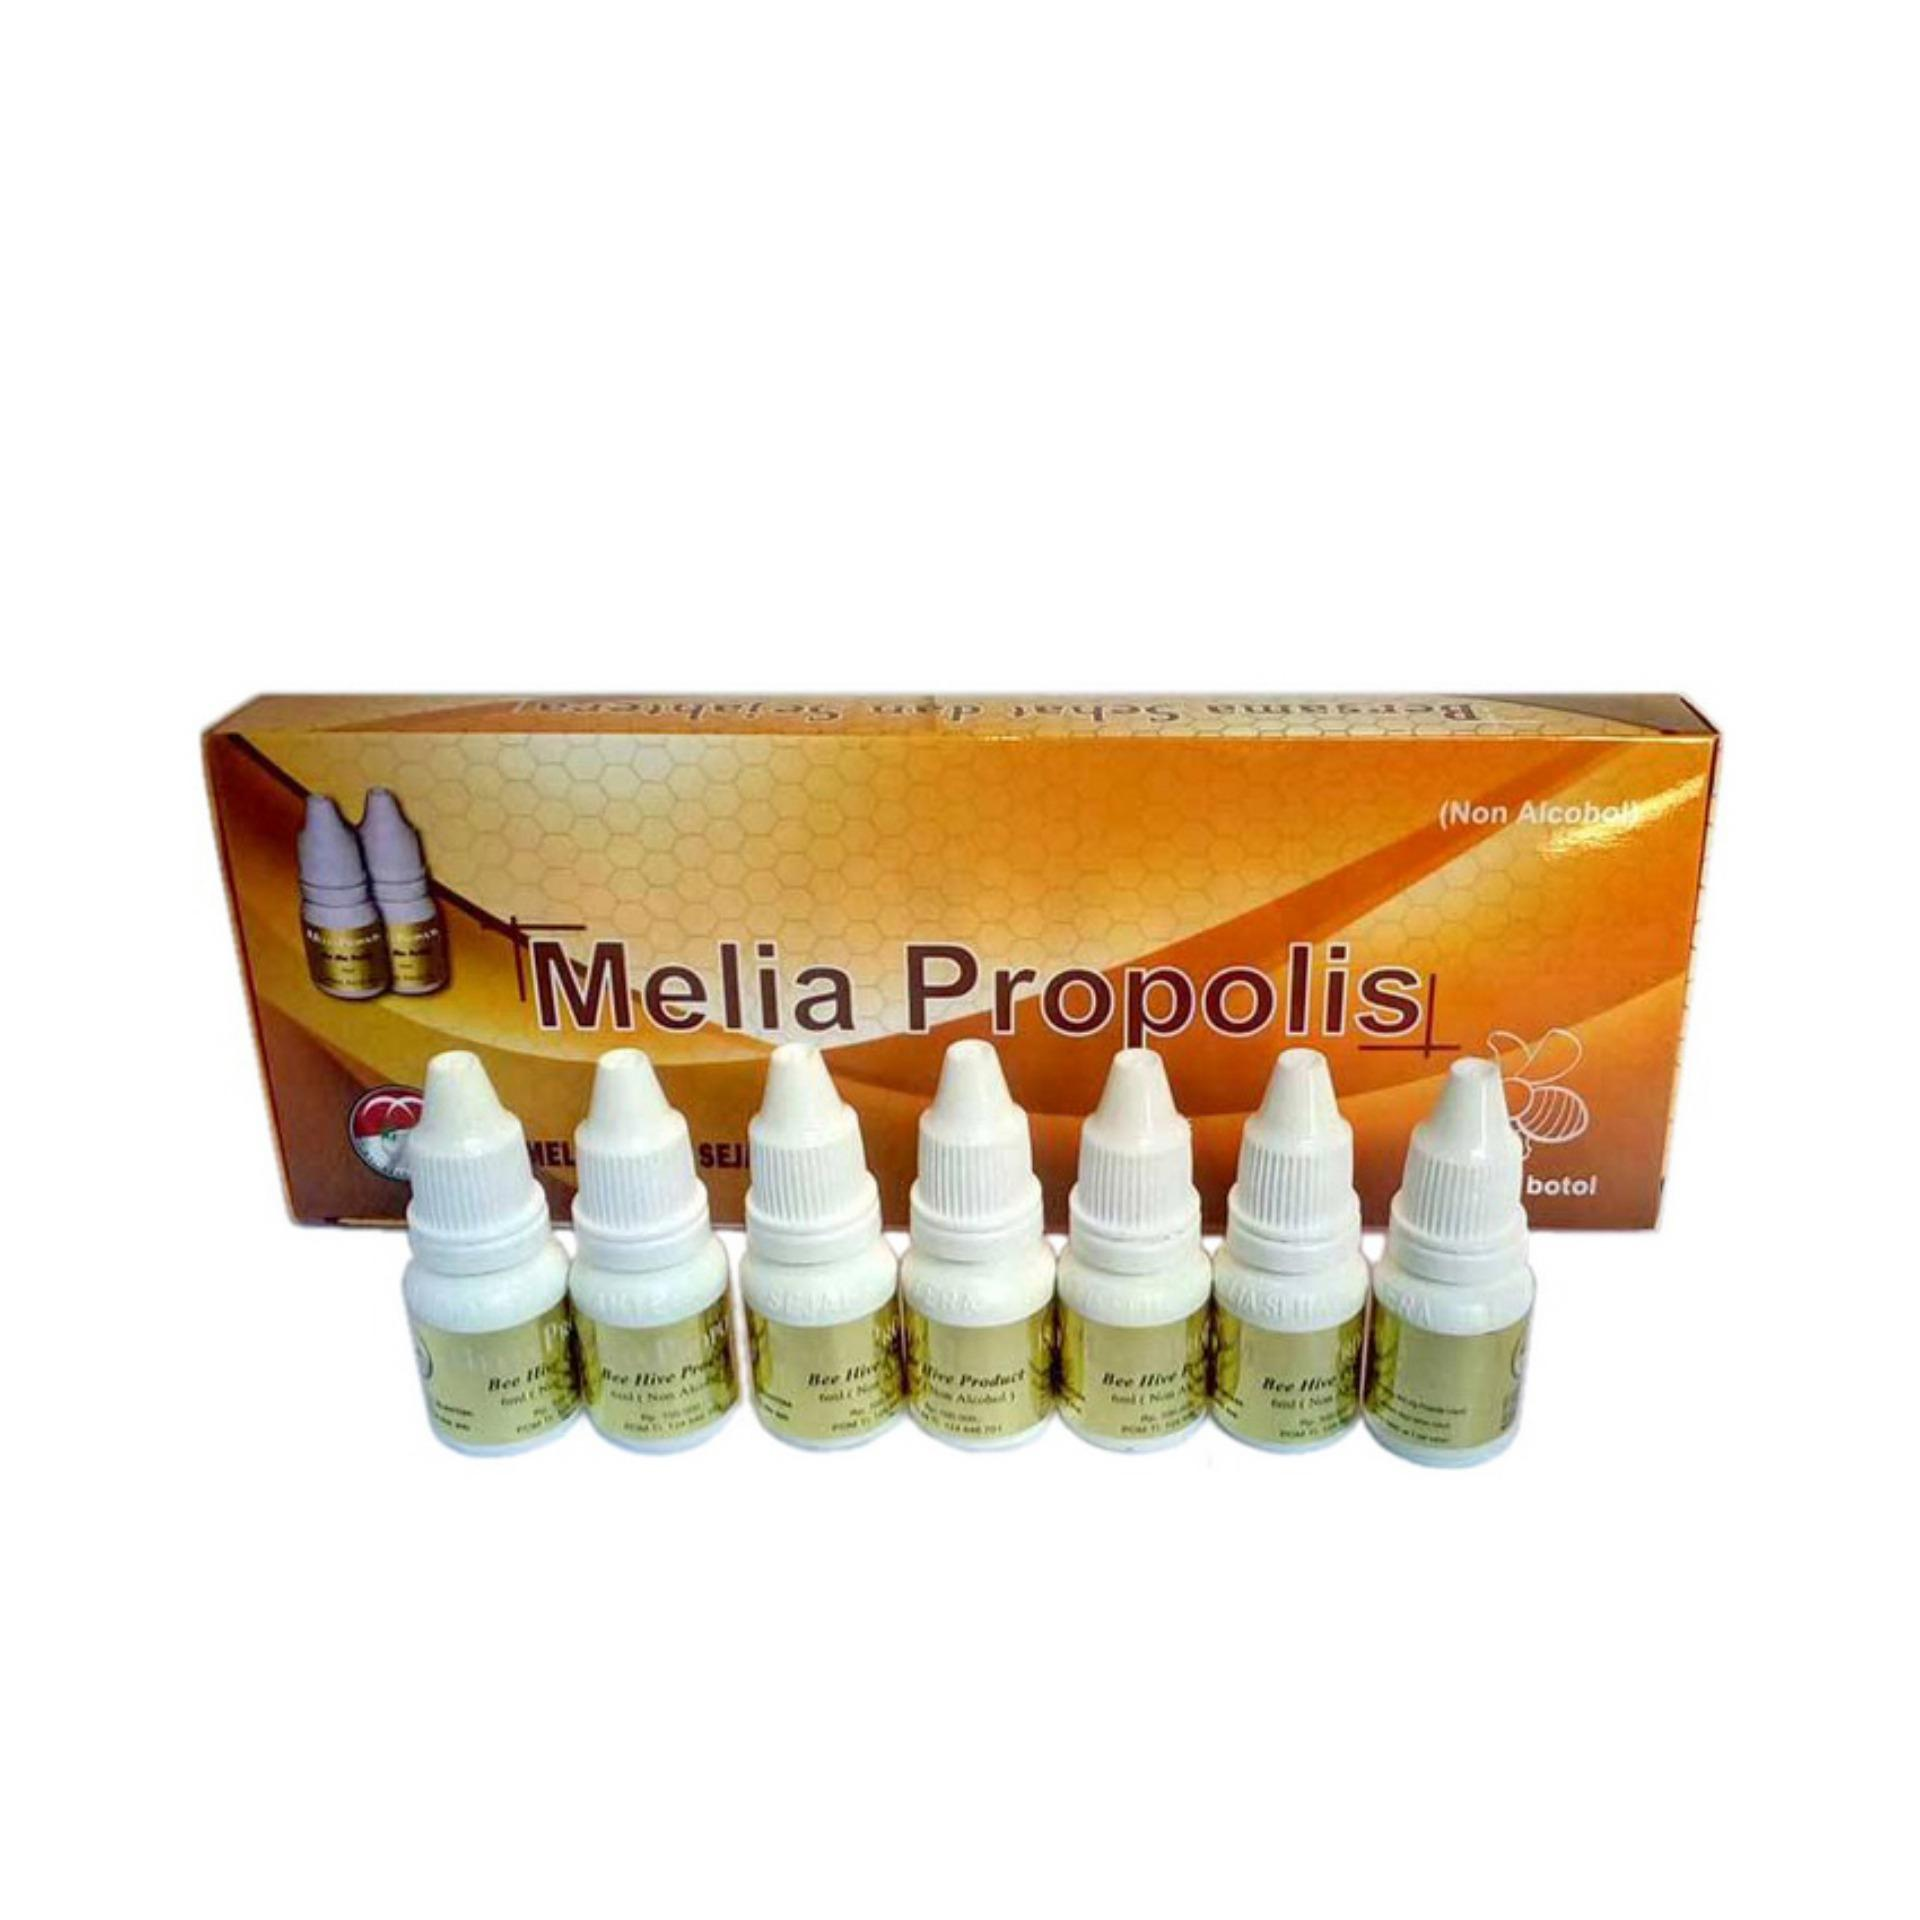 Spesifikasi Propolis Melia Pt Mss Original 7 Botol Terbaik